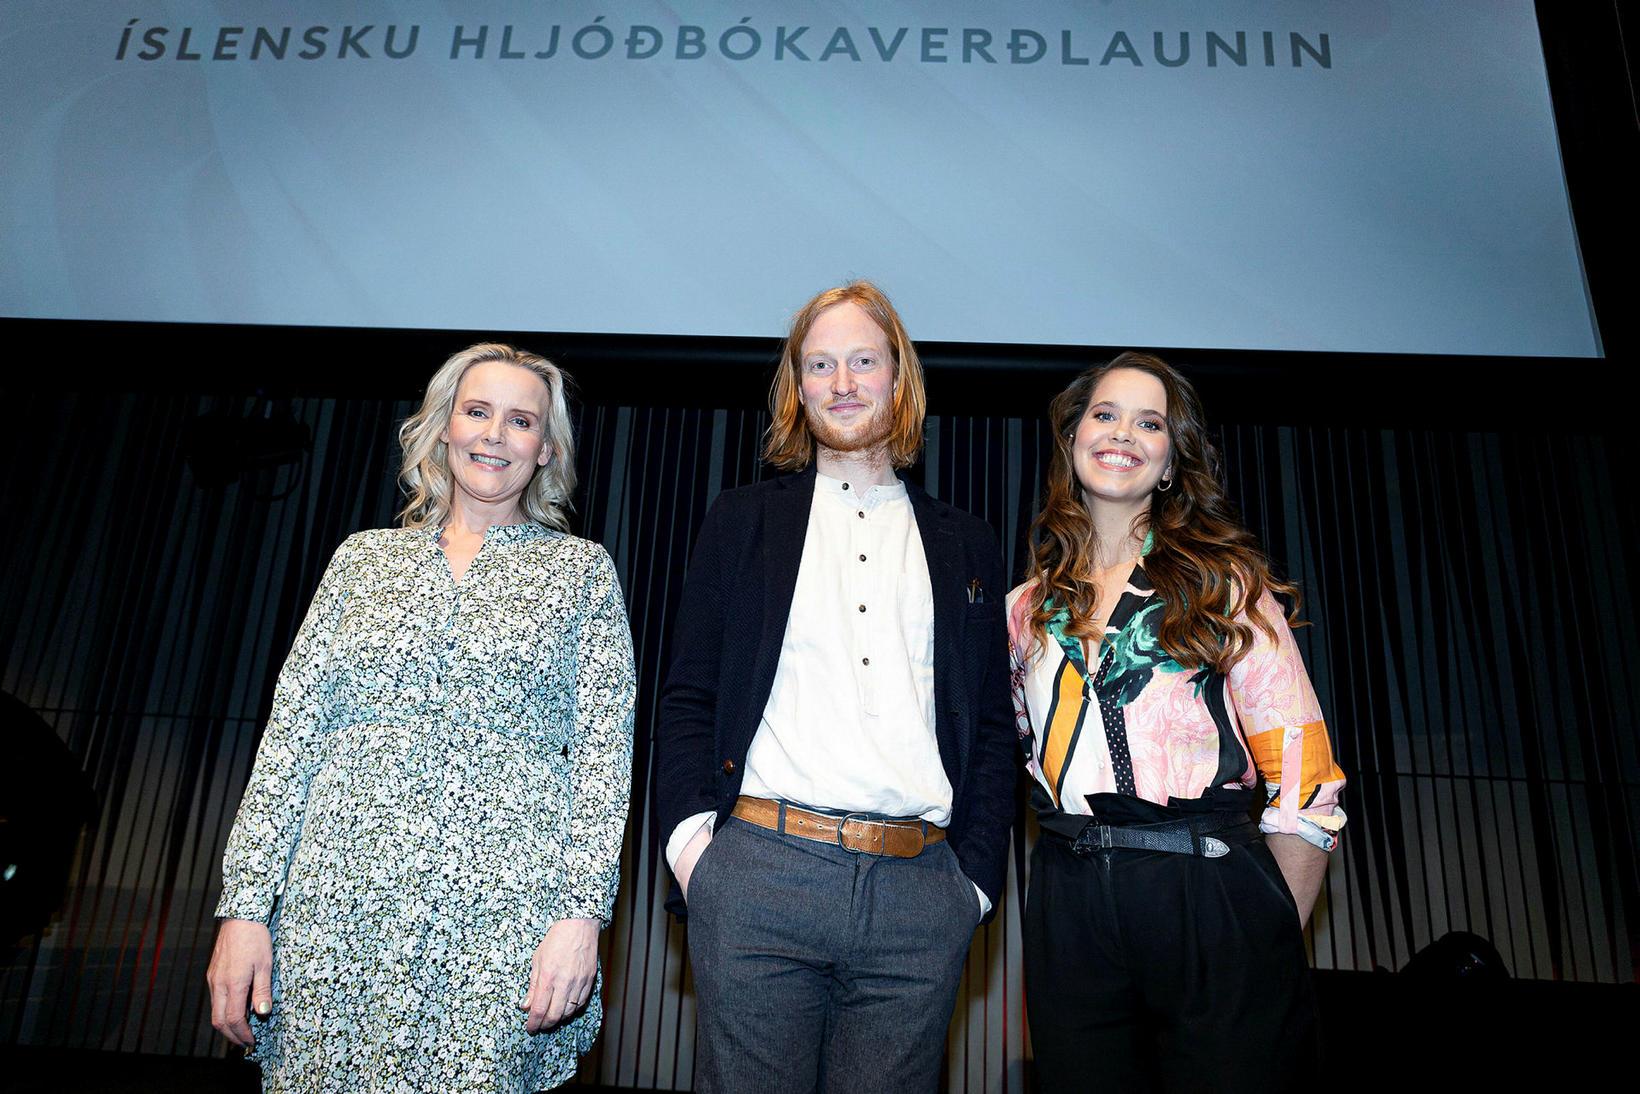 Elva Ósk Ólafsdóttir, Sverrir Norland og Guðrún Sóley Gestsdóttir.